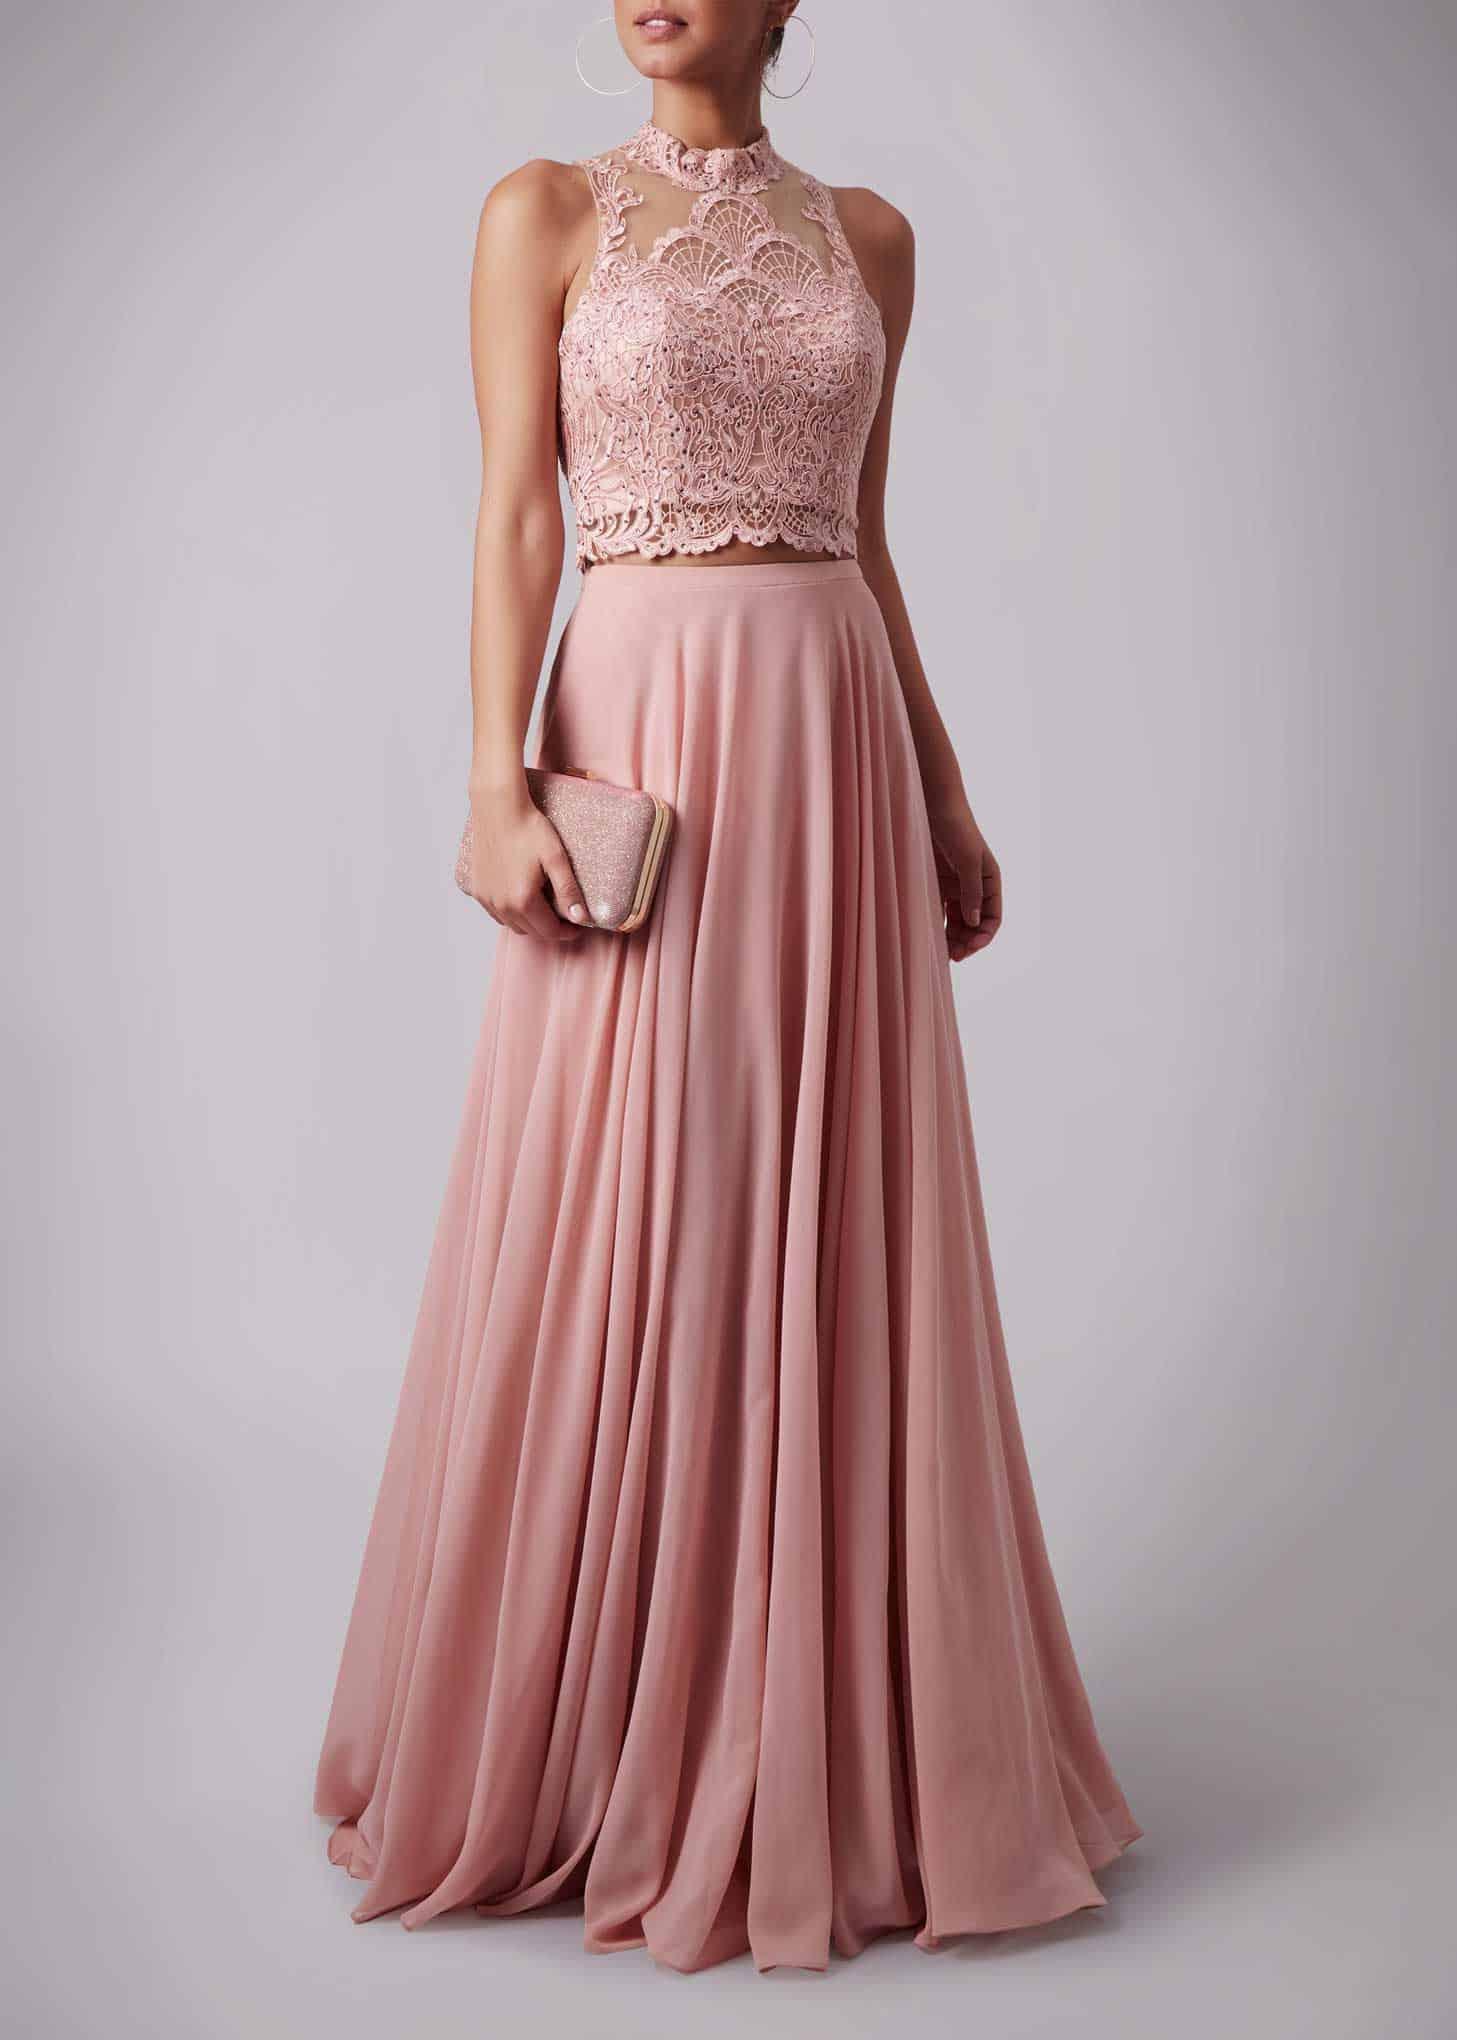 Abend Einfach Abend Kleid Mit Spitze Ärmel10 Genial Abend Kleid Mit Spitze für 2019